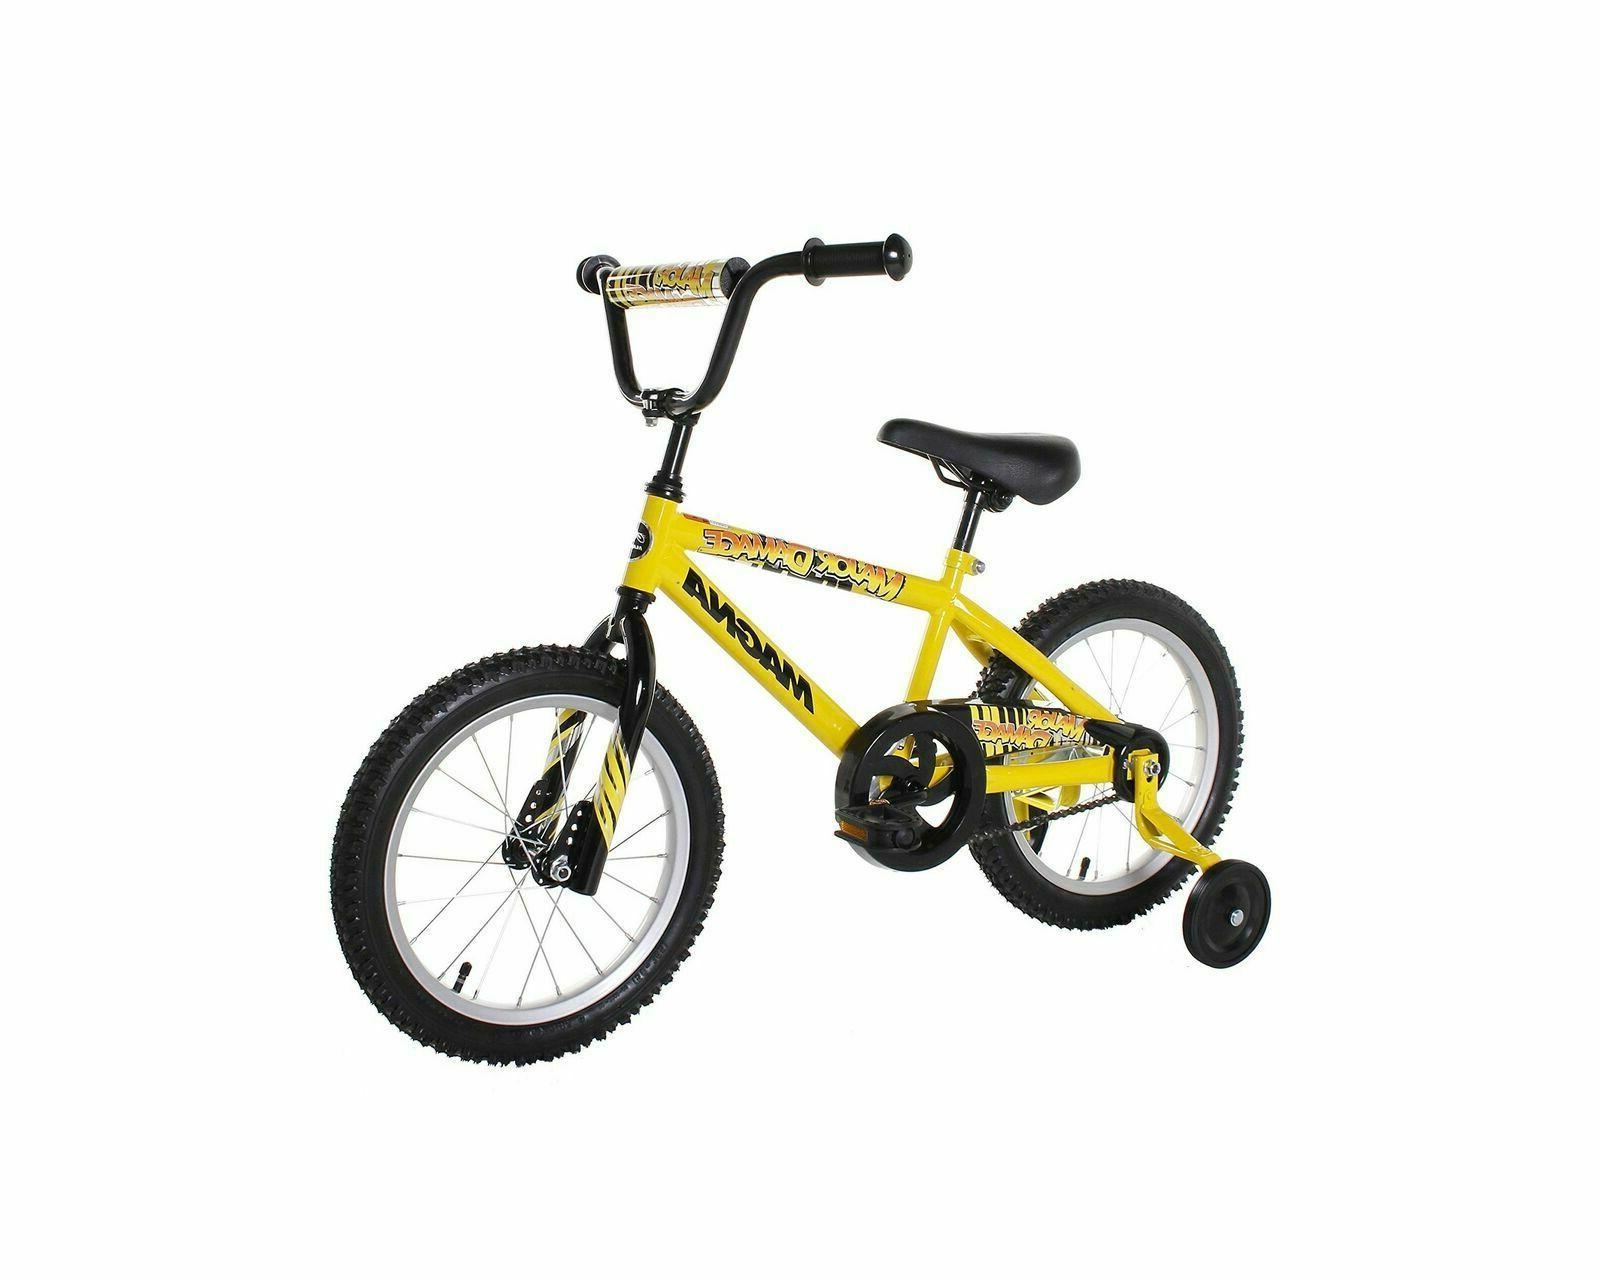 magna major damage bike for boys 16